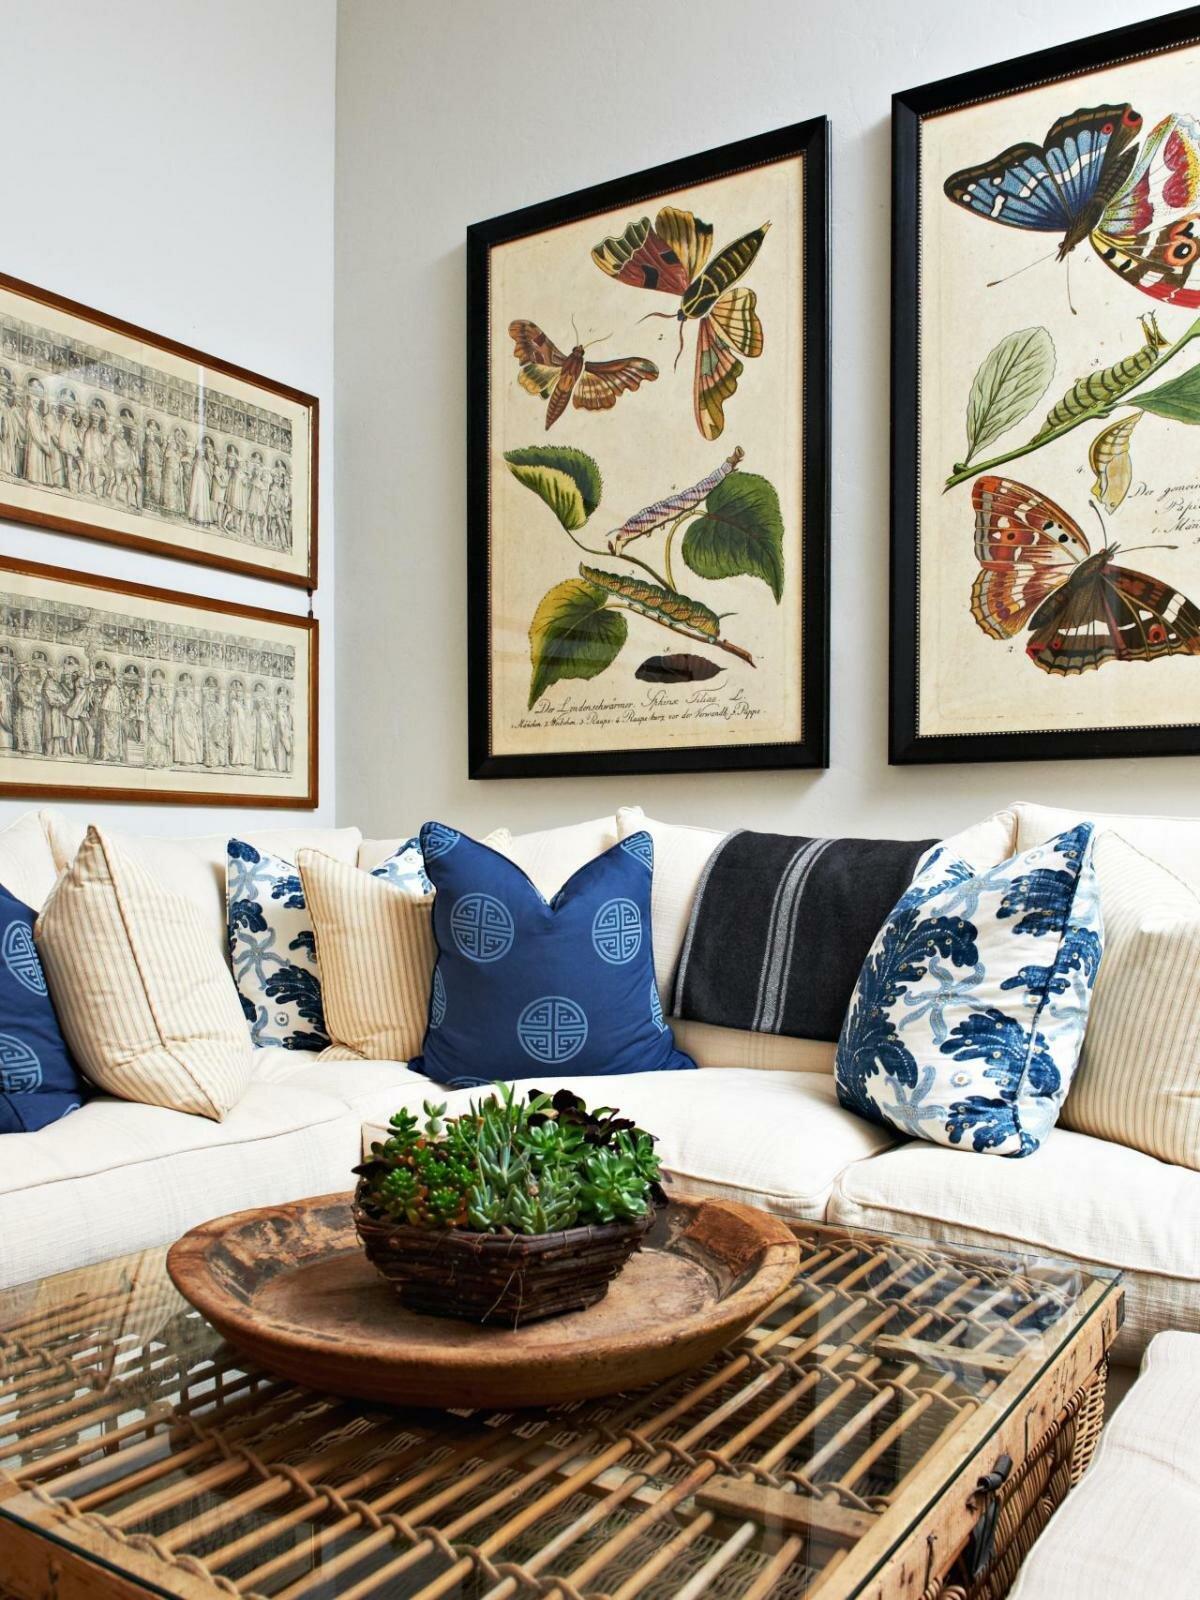 постер для интерьера дома пеленгас запеченный